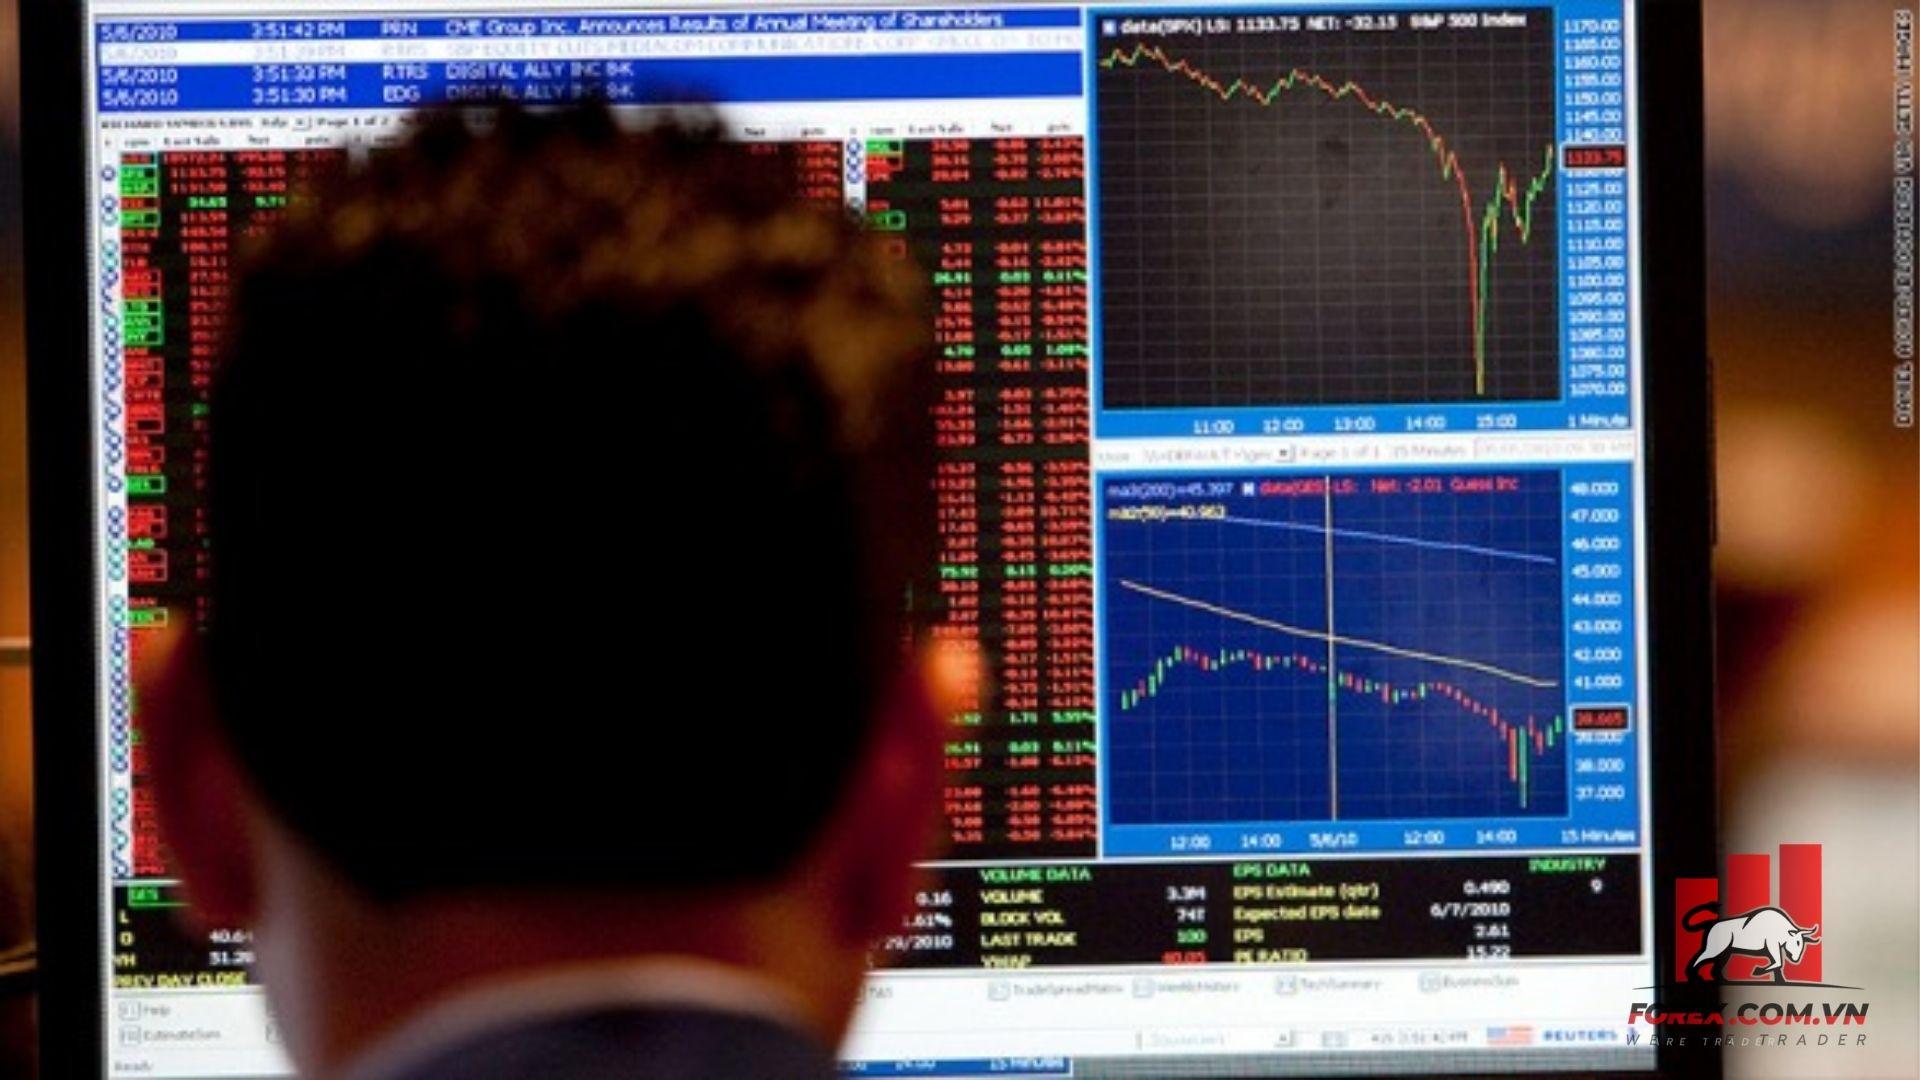 Flash Crash gây ảnh hưởng như thế nào tới thị trường tài chính